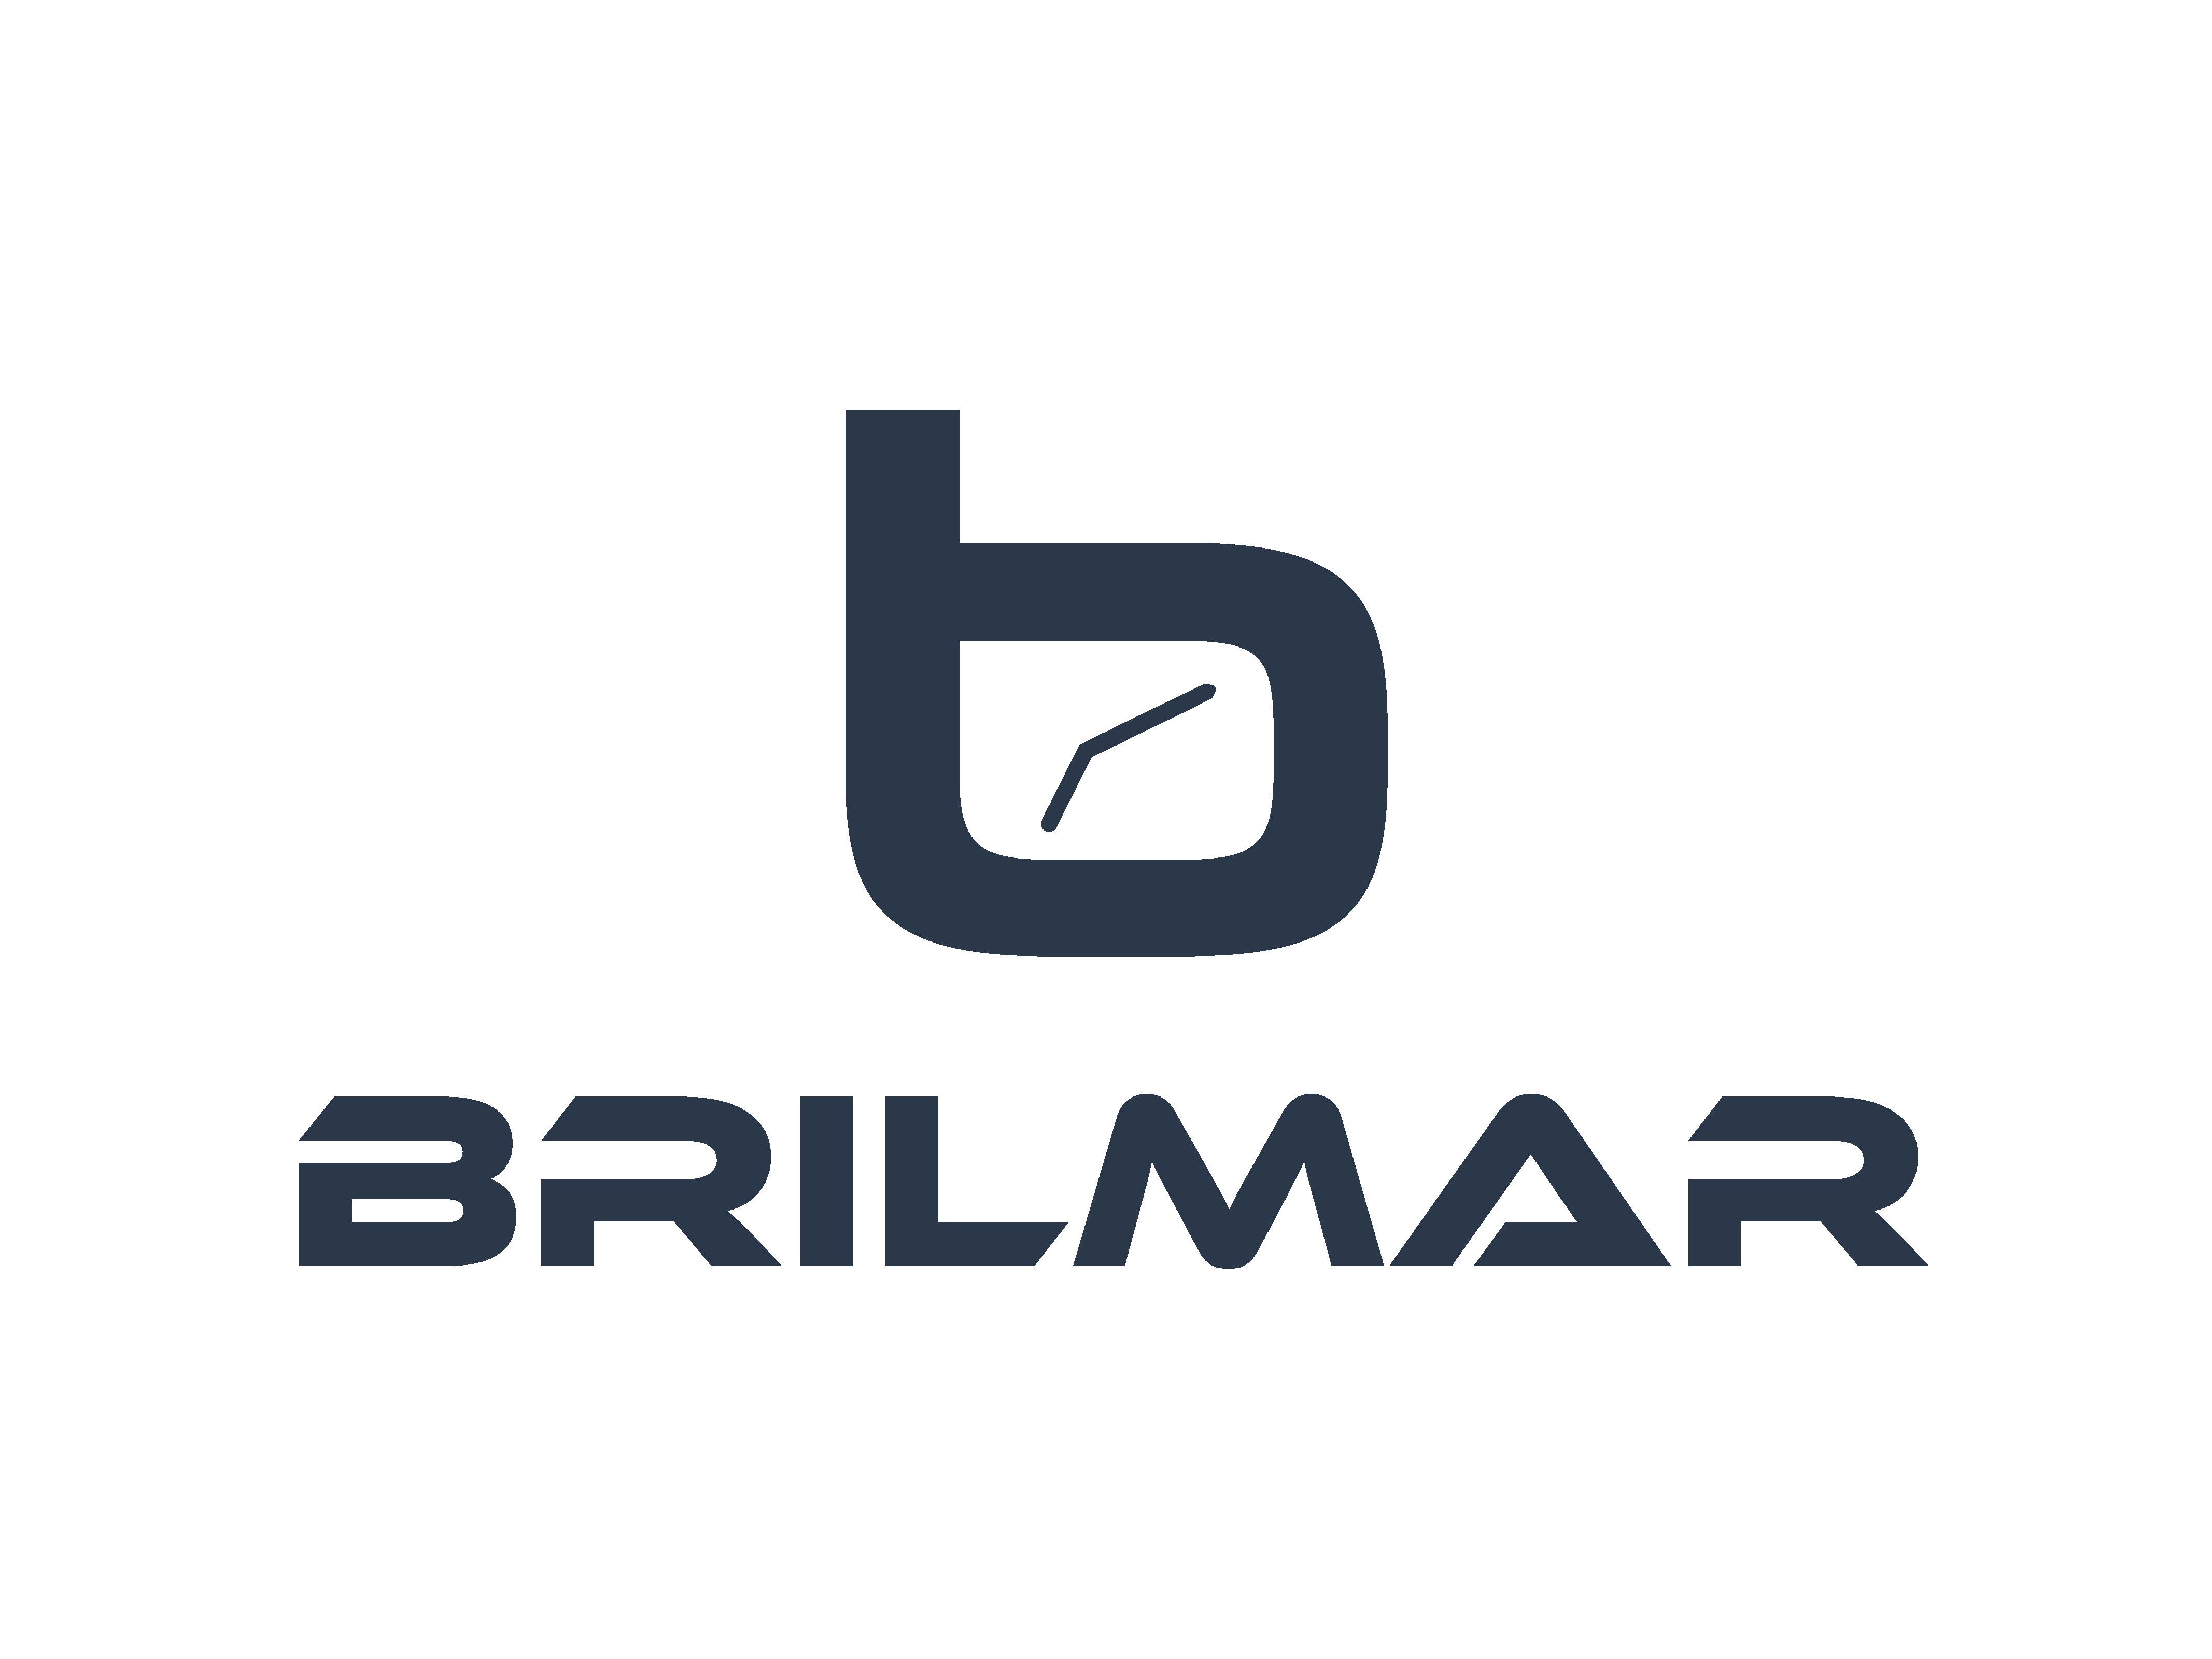 brilmar.com